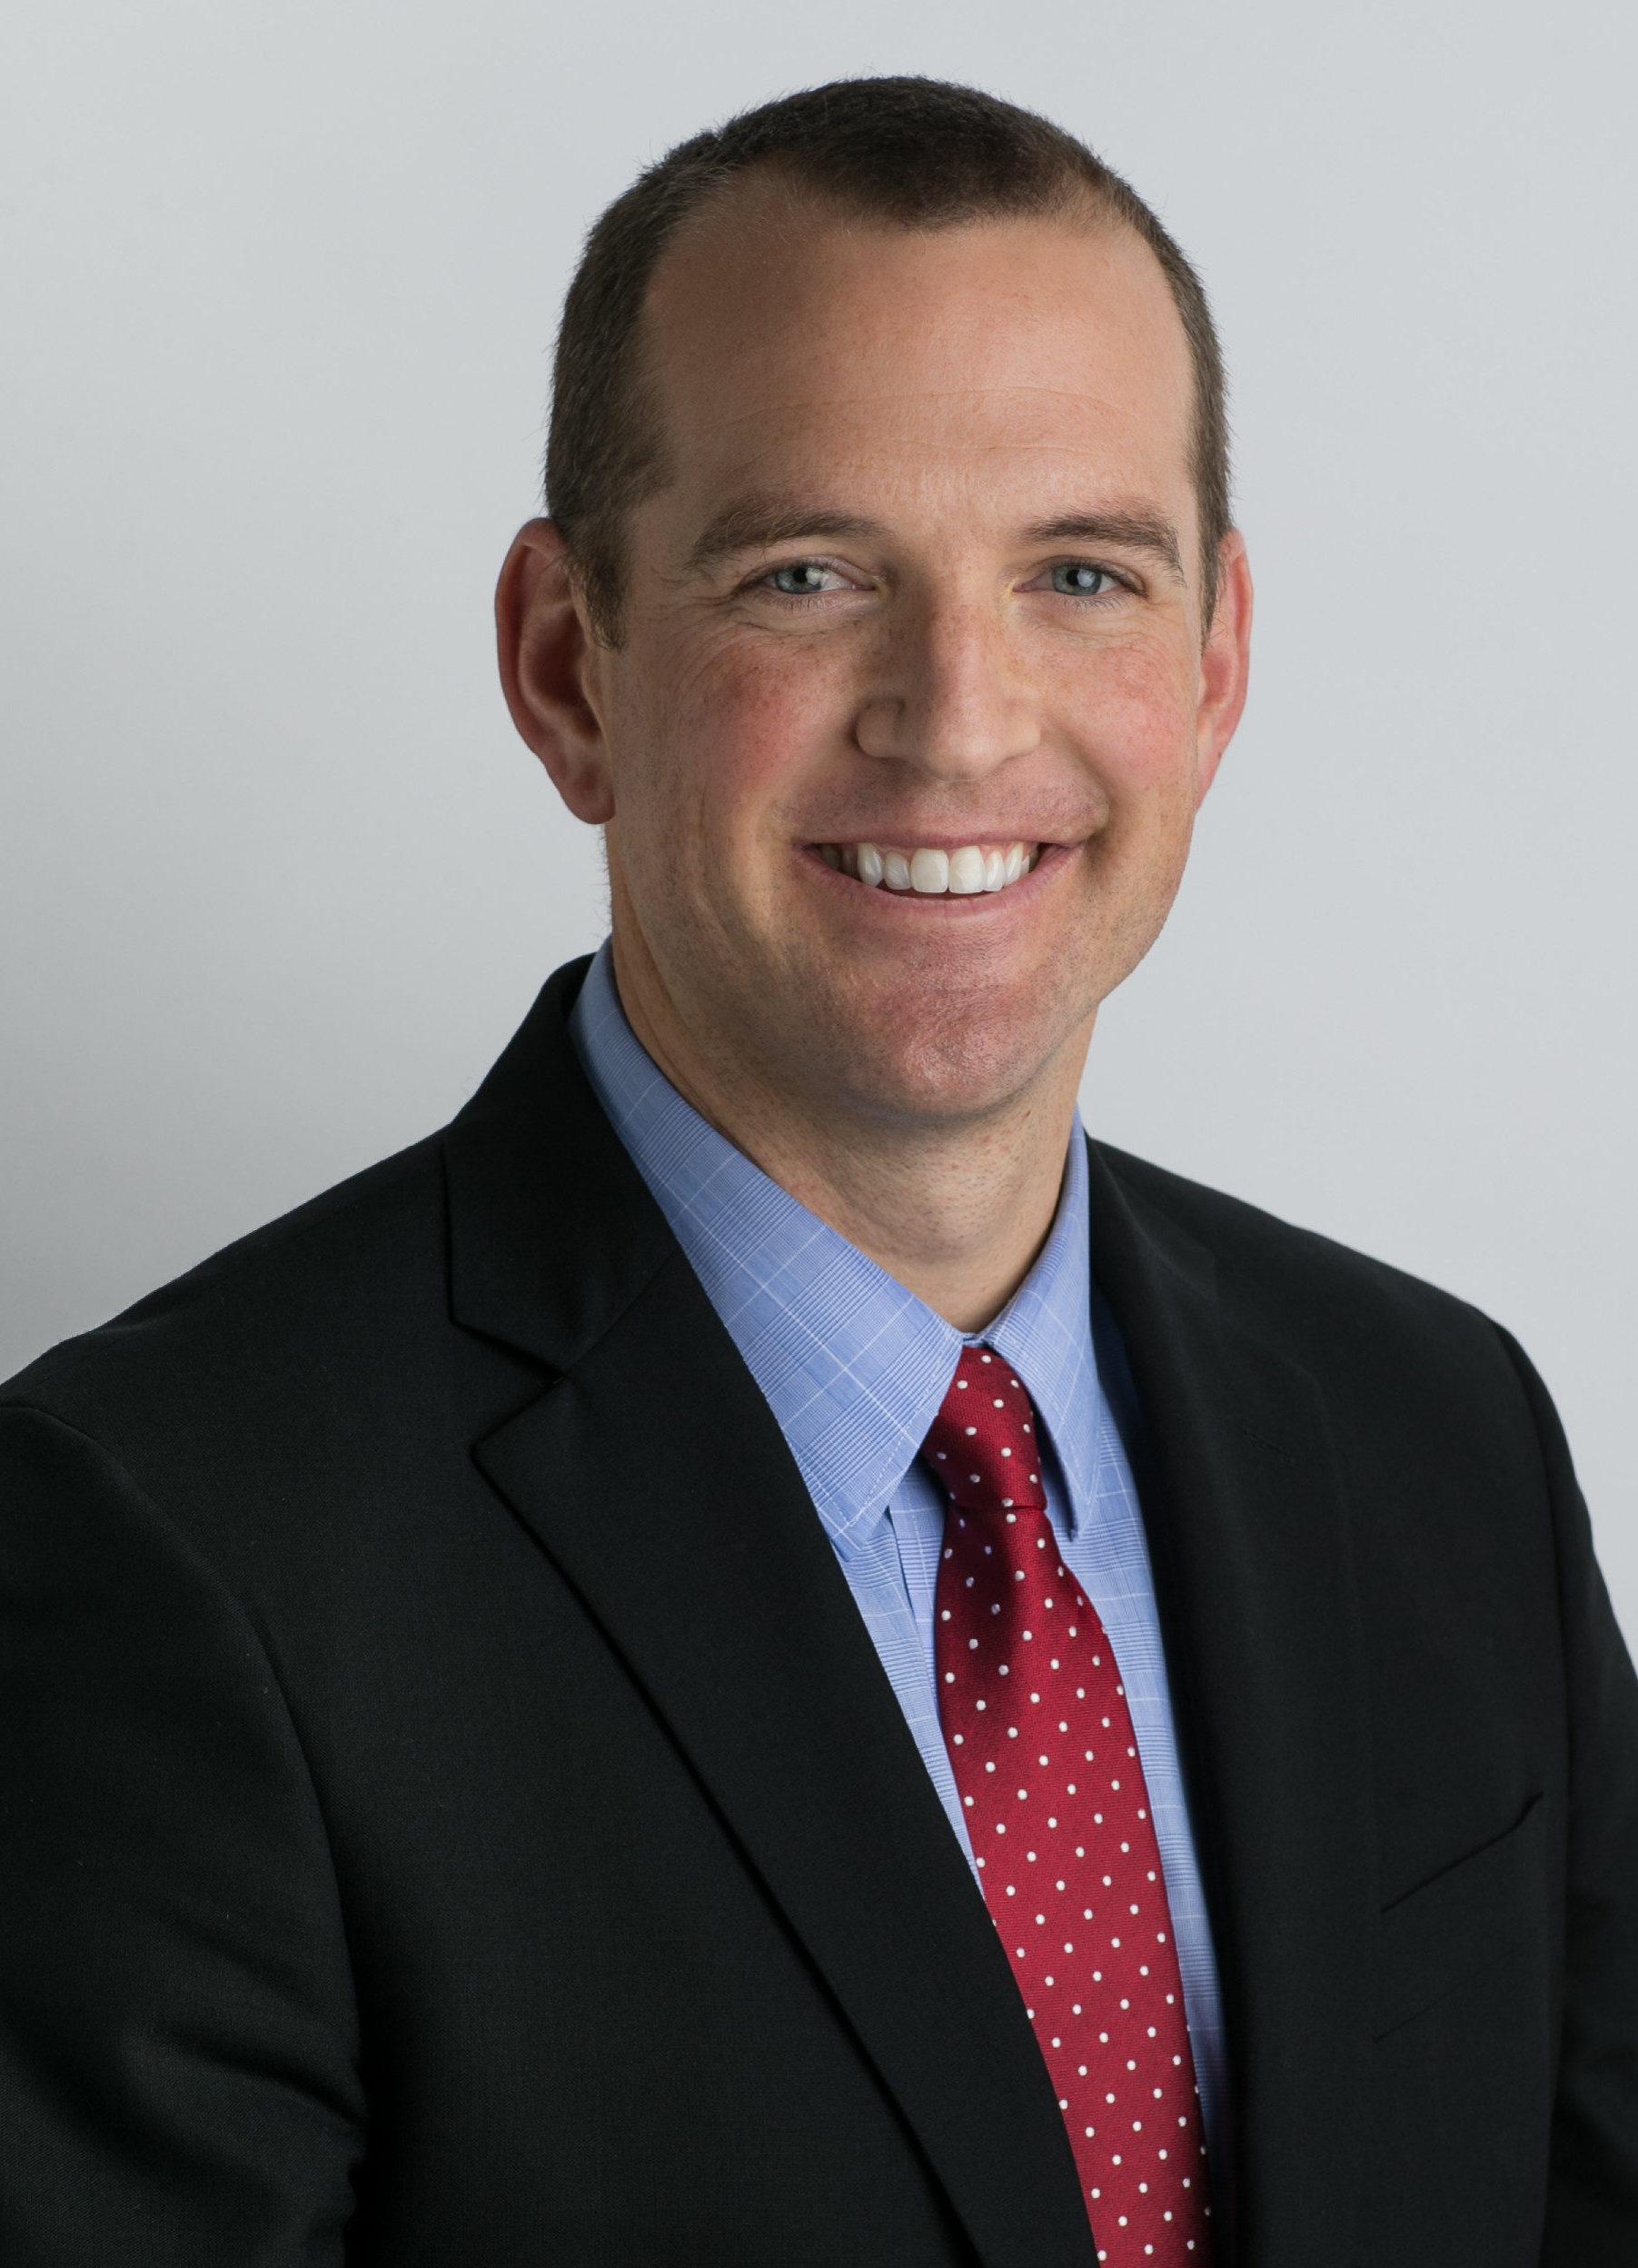 Steve Welch Bio